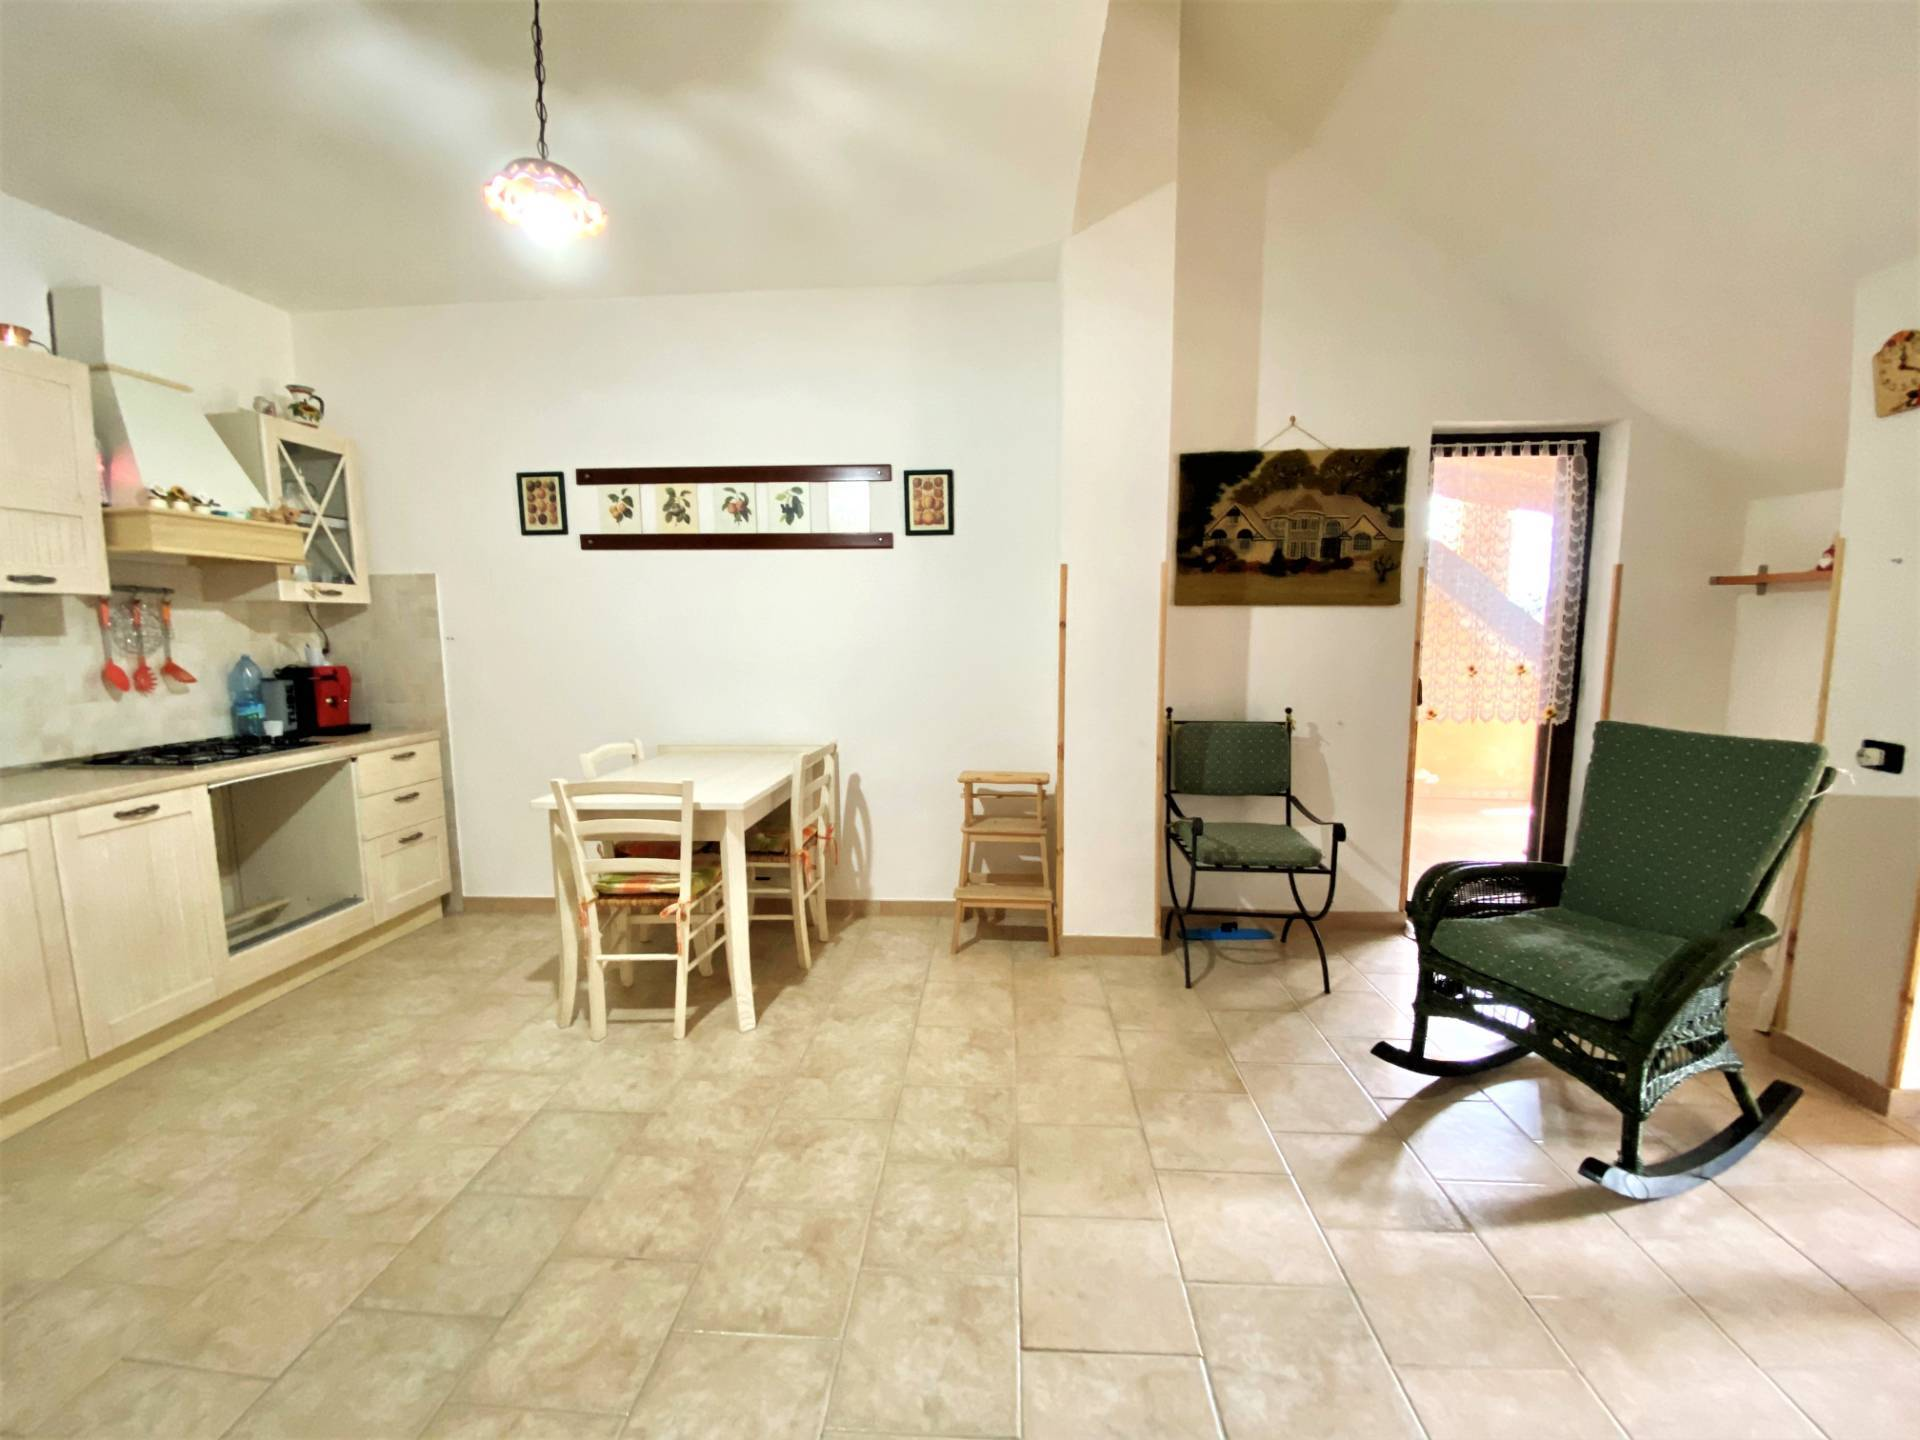 Appartamento in vendita a Taverna, 2 locali, prezzo € 29.000   PortaleAgenzieImmobiliari.it